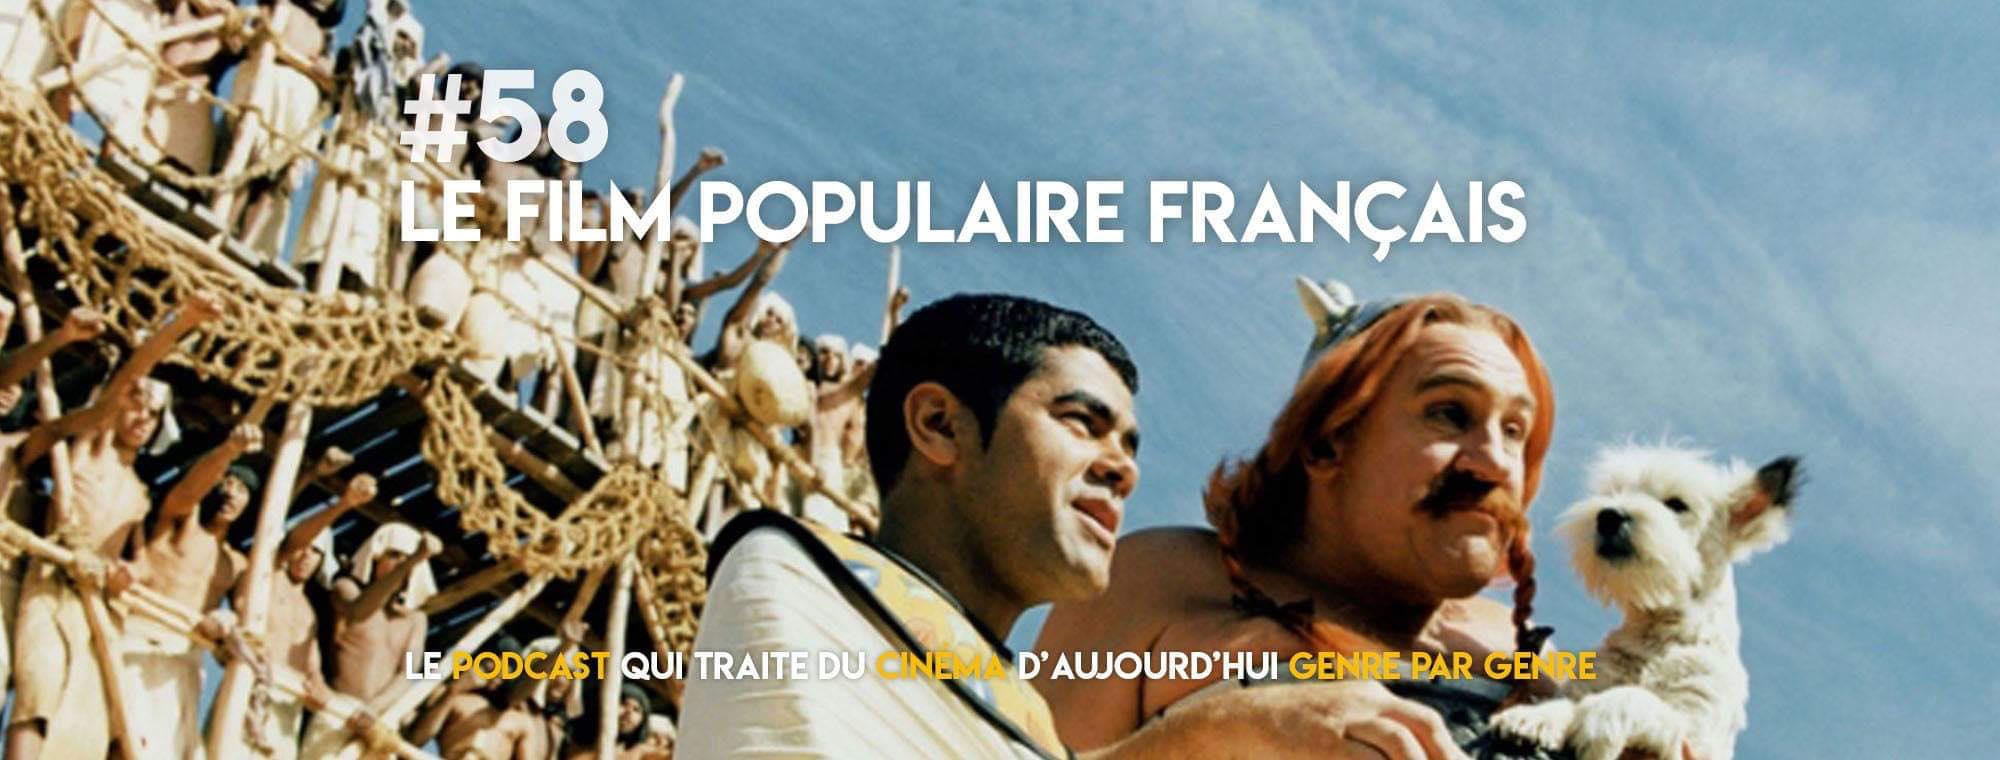 Parlons Péloches - #58 Le film populaire français (ft. Le Meilleur Podcast)